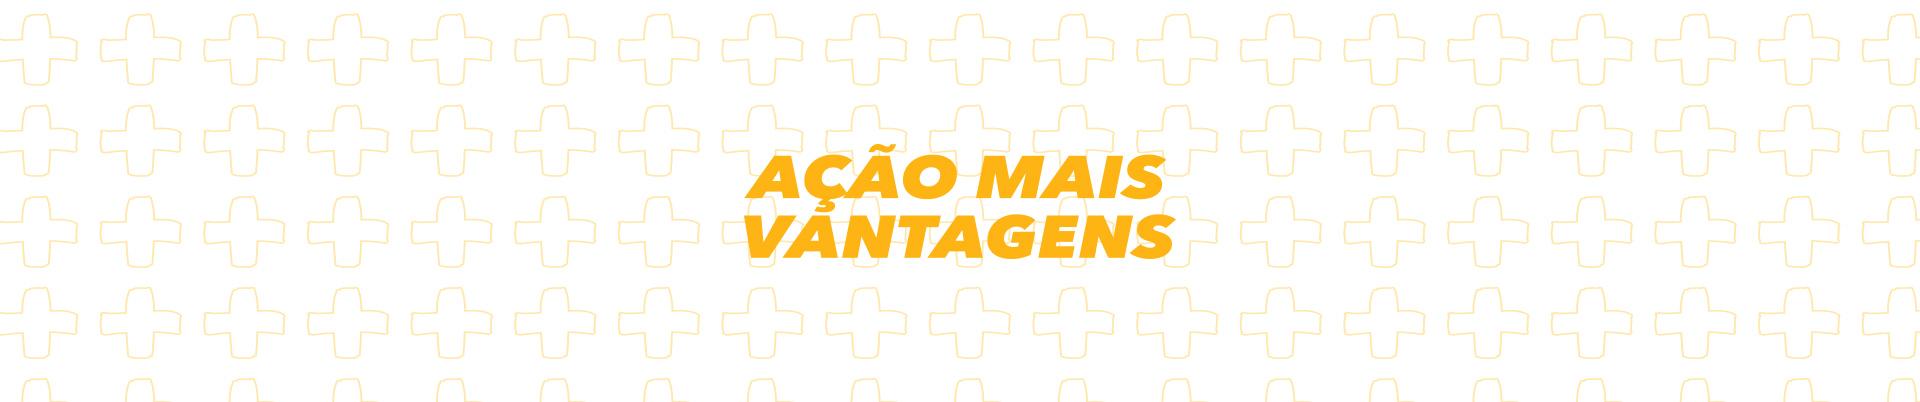 amv-brasil-acao-mais-vantagens